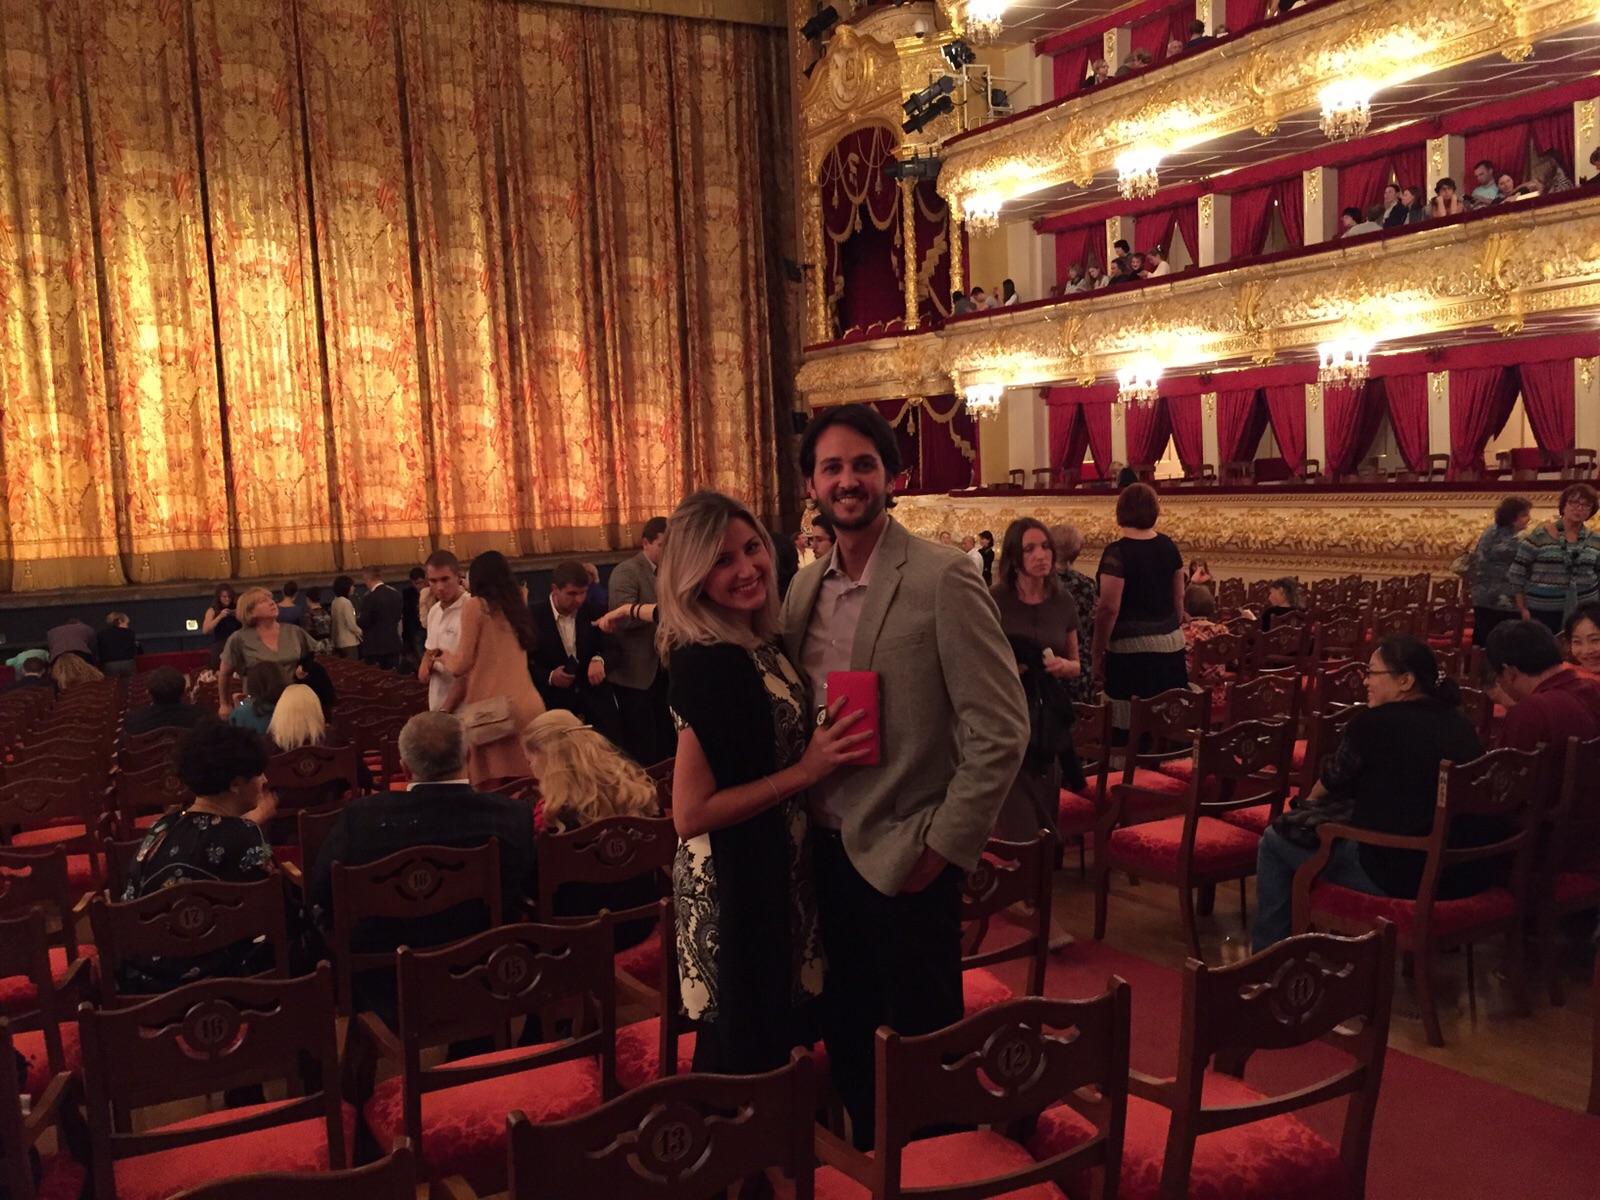 viagem para a rússia - bolshoi ballet - moscou